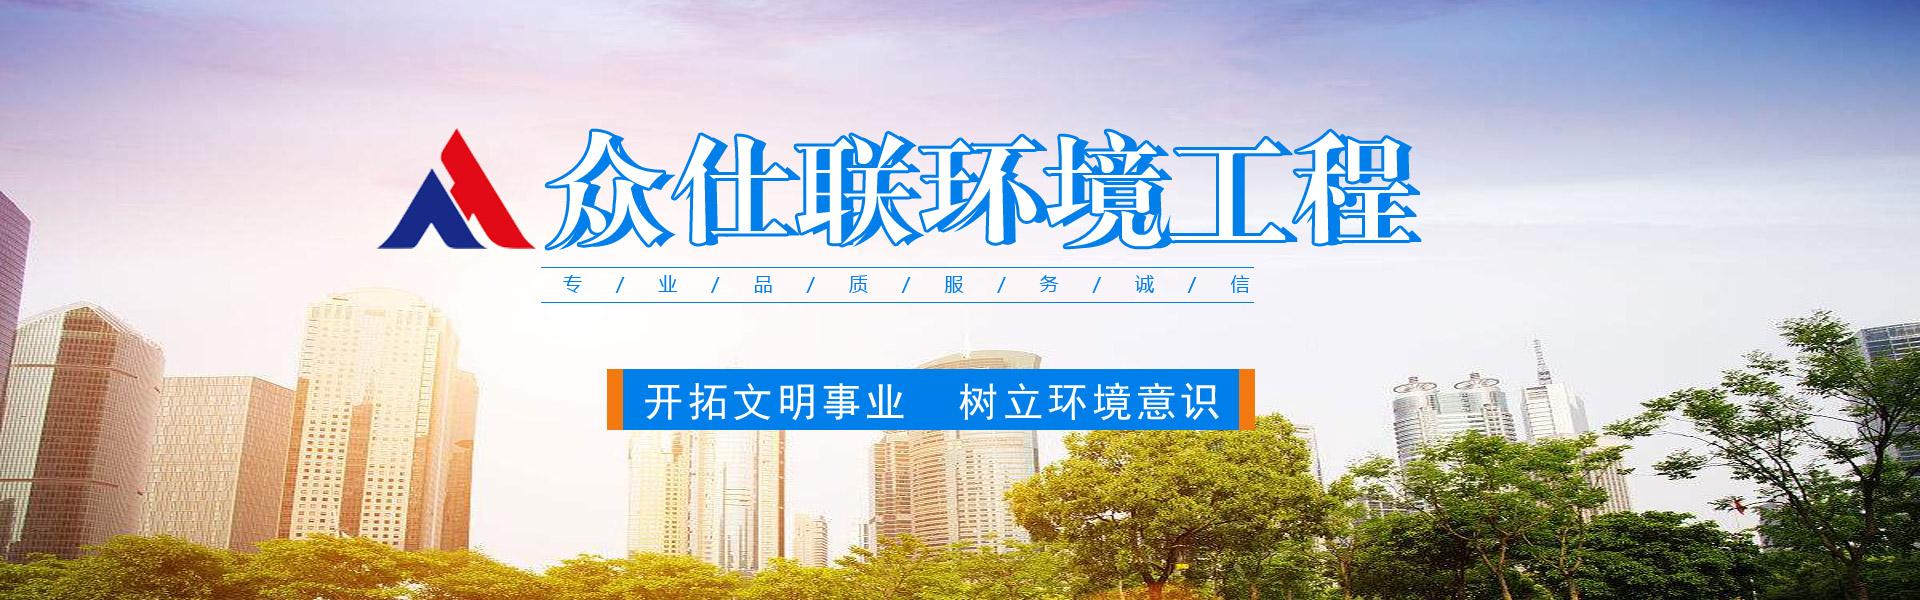 河南众仕联环境工程有限公司